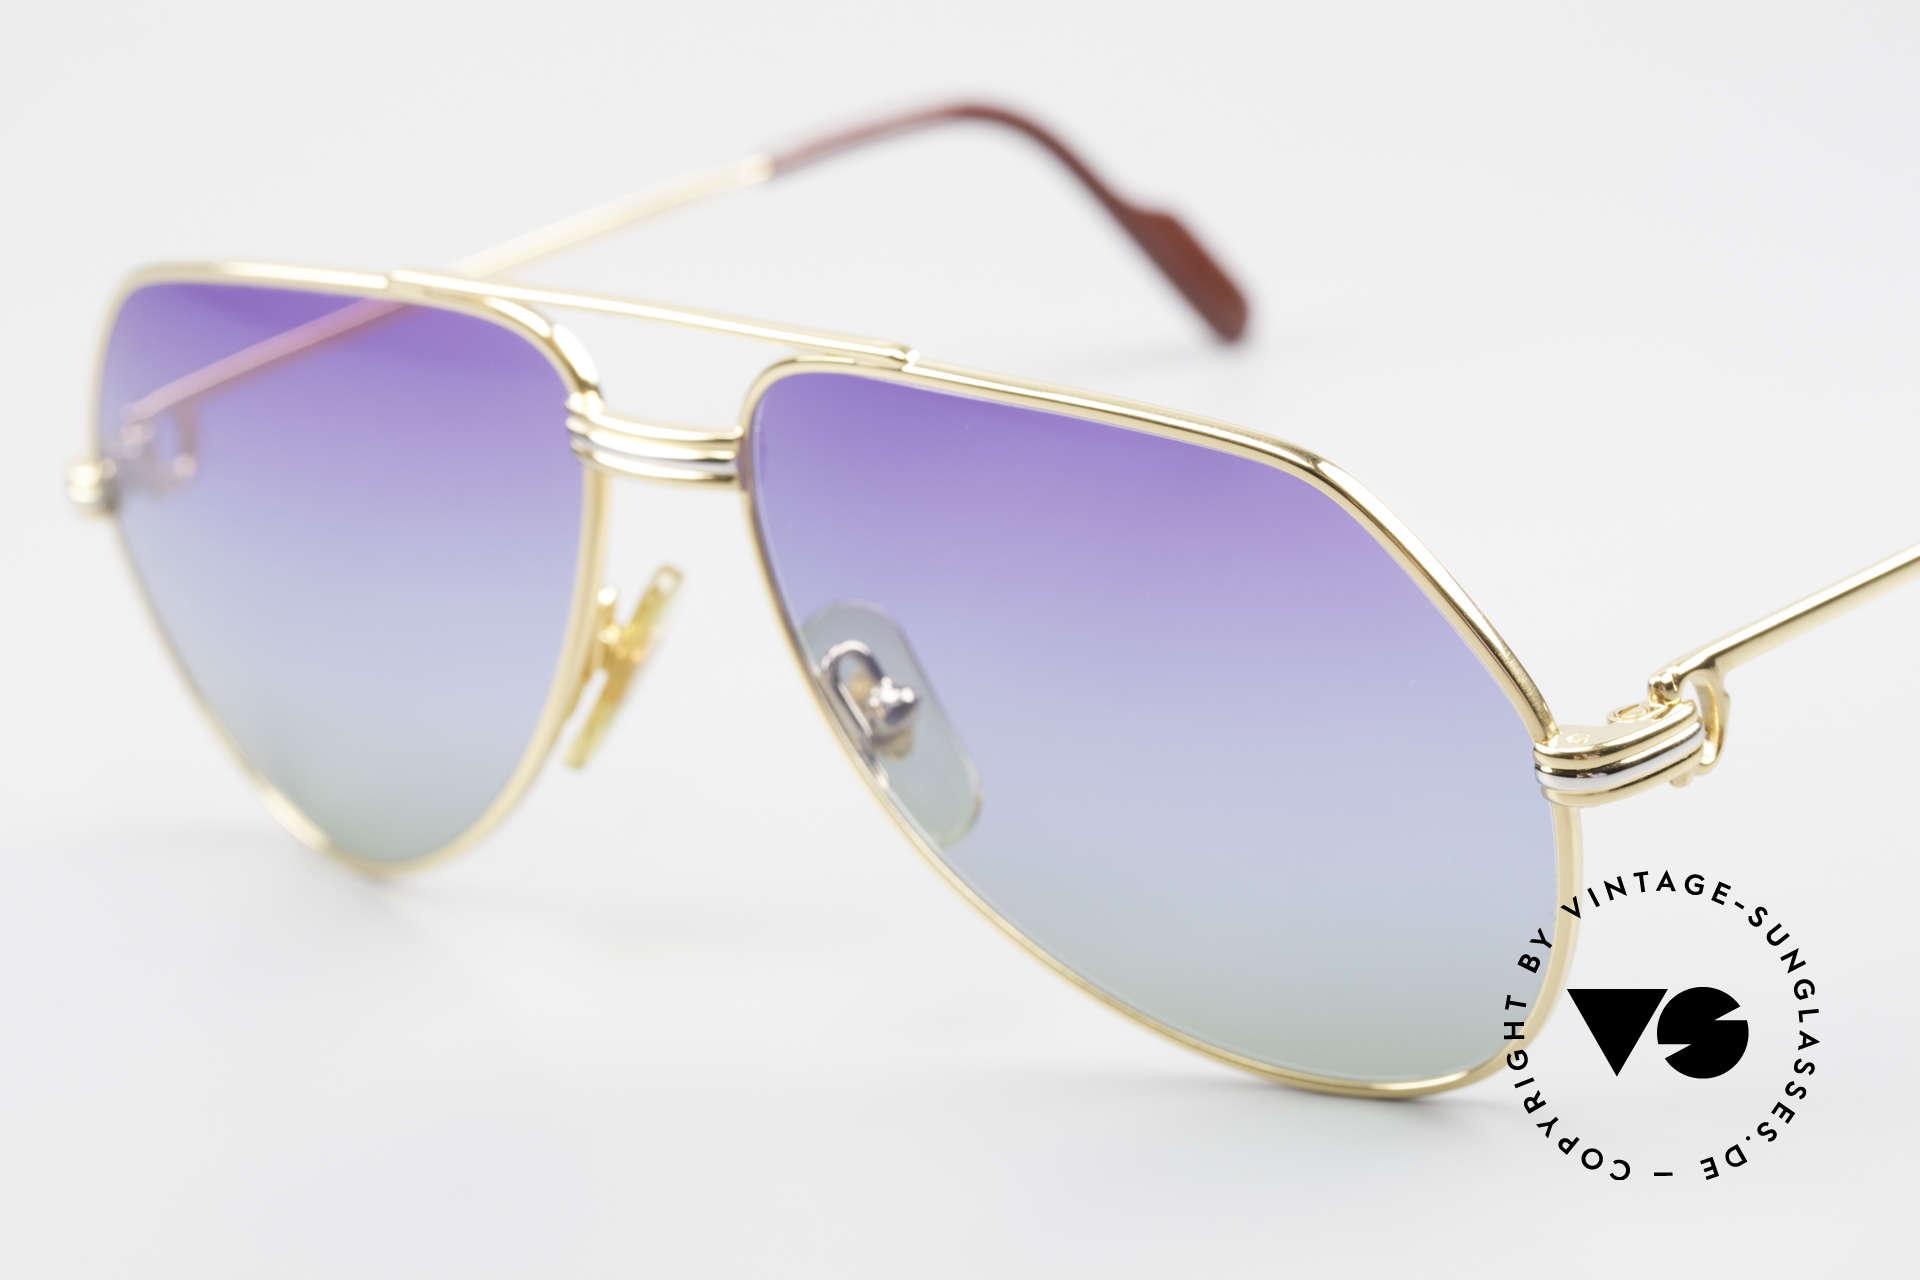 Cartier Vendome LC - S 80er Sonnenbrille Polarlicht, neue Sonnengläser mit 3fach Verlauf - wie Polarlichter, Passend für Herren und Damen